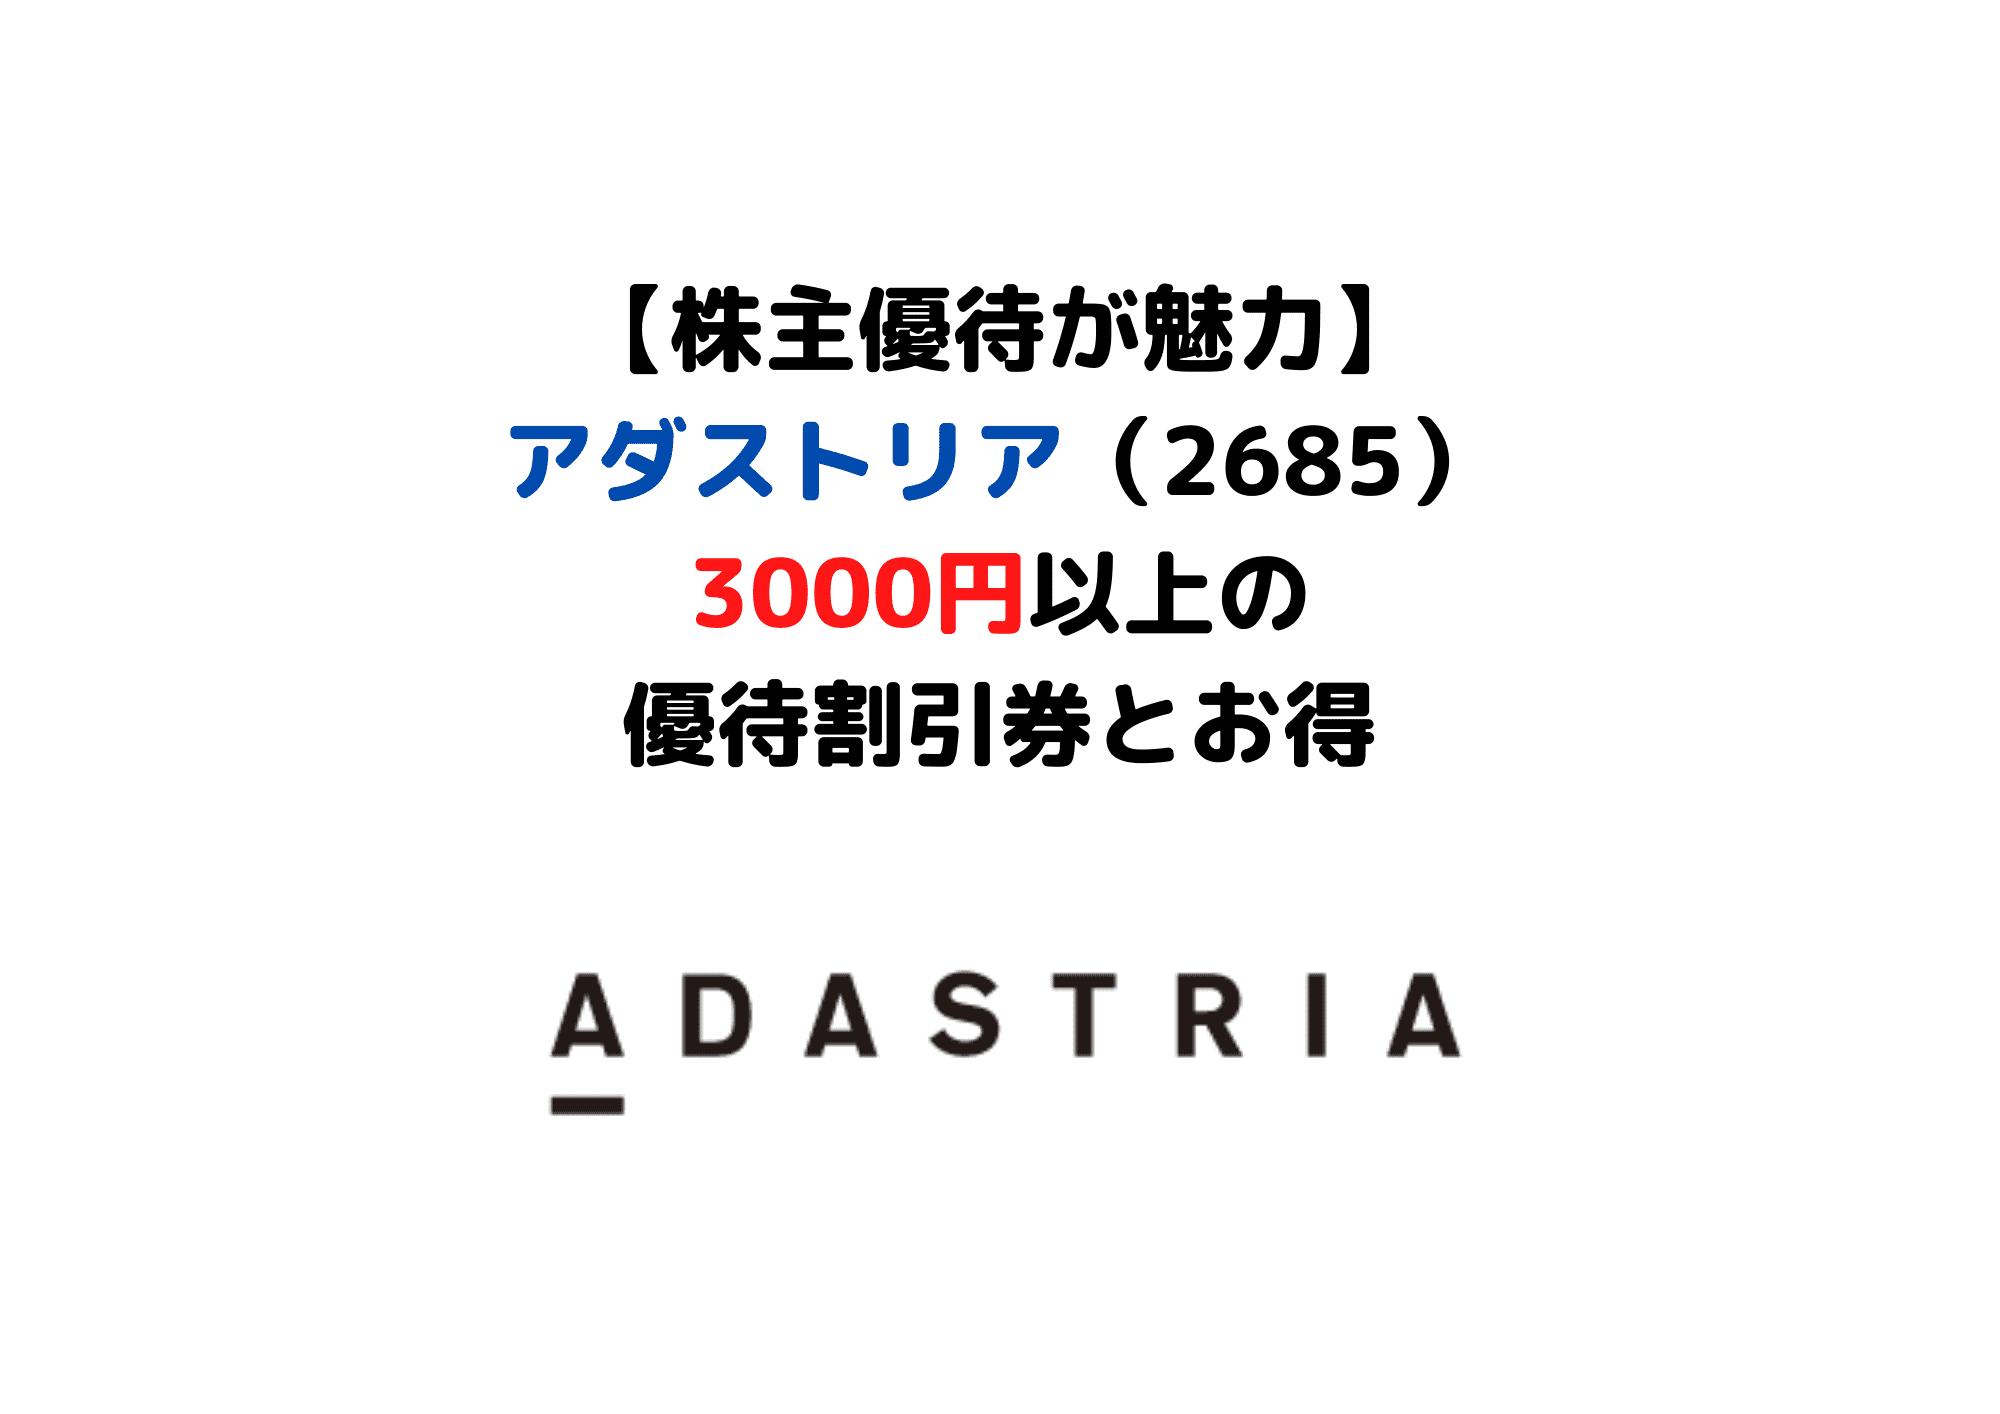 2685 アダストリア (1)